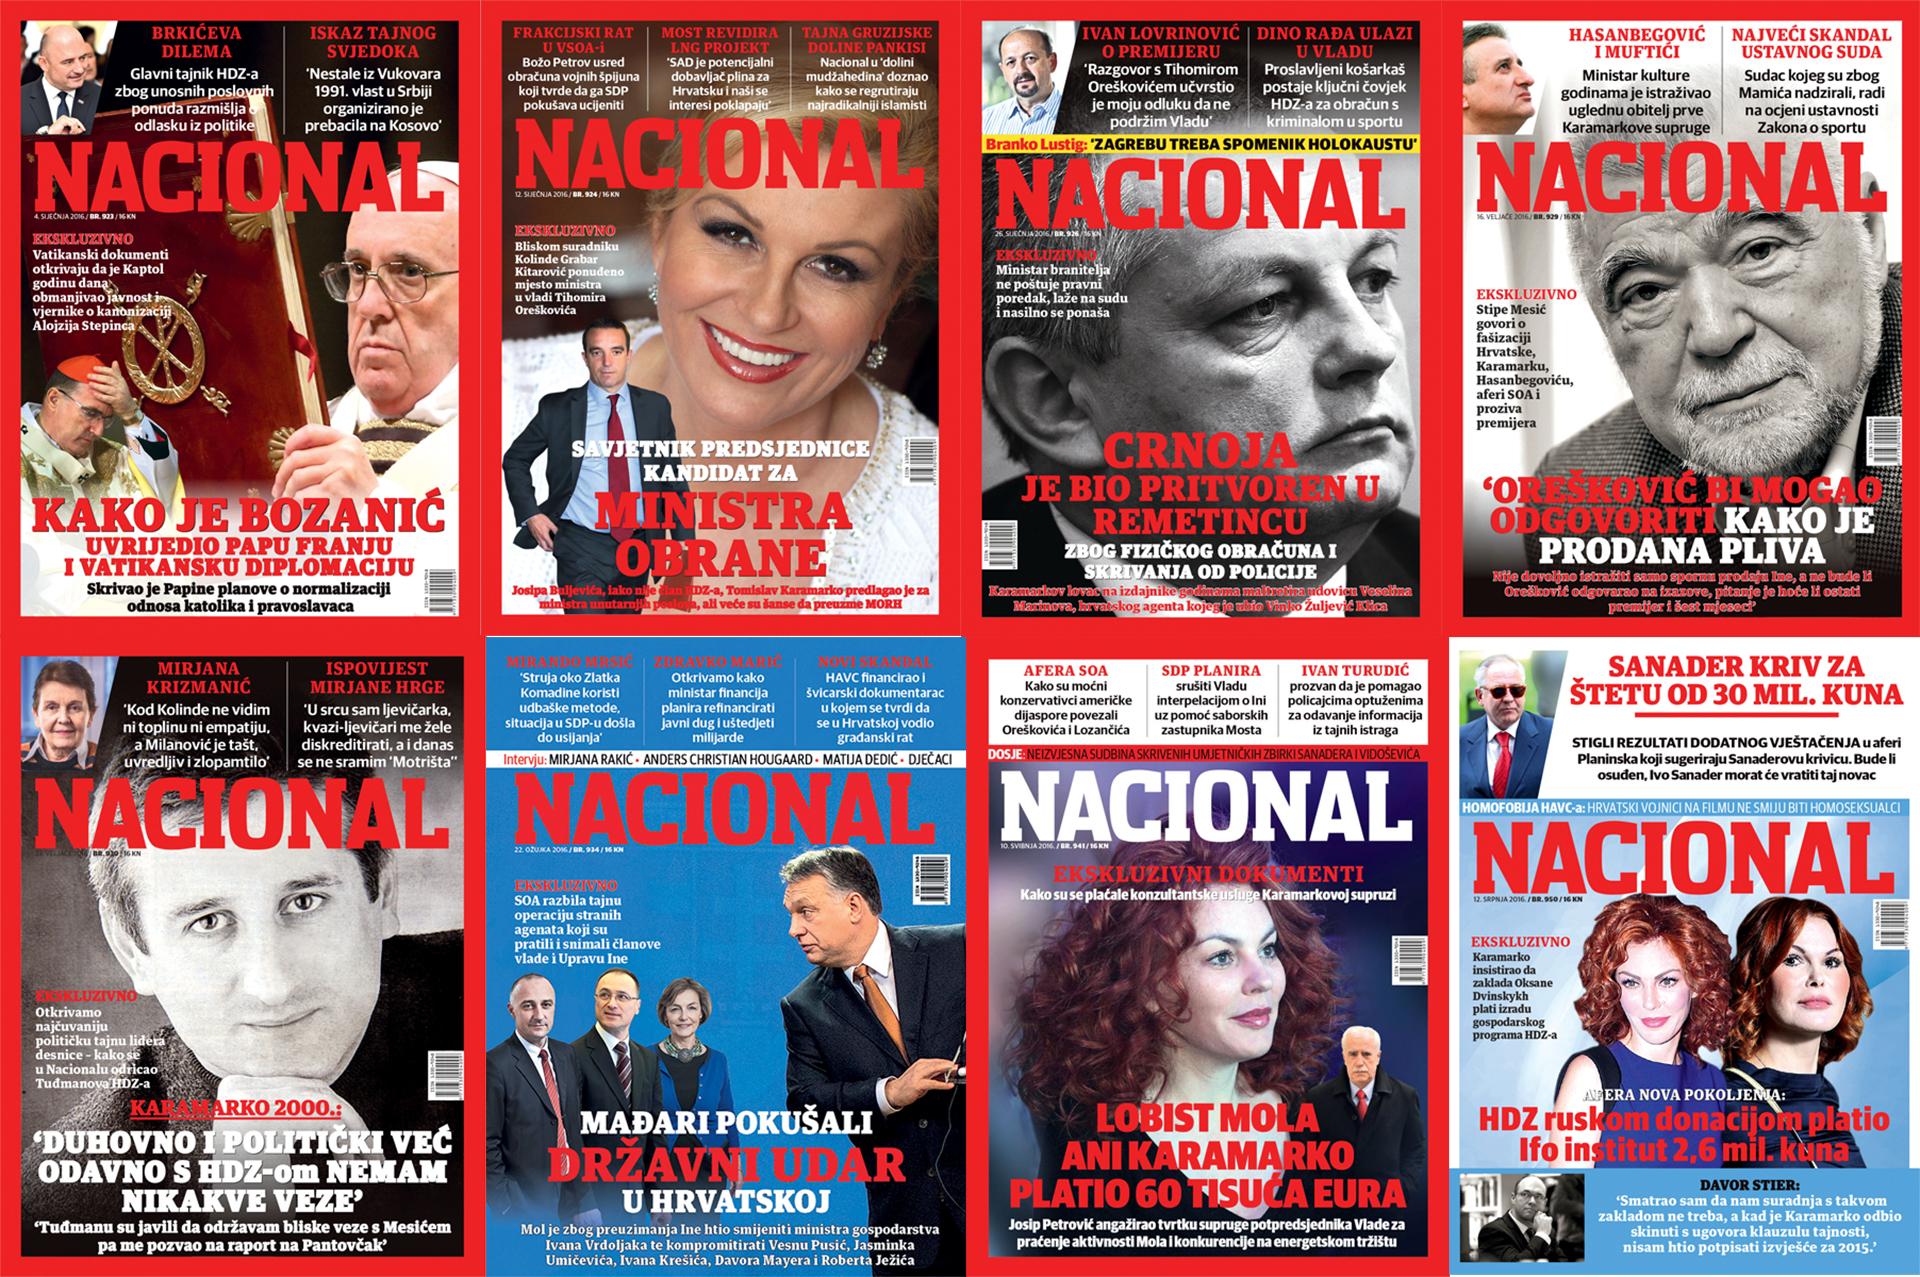 'Nacional je najkvalitetniji tjednik u Hrvatskoj'